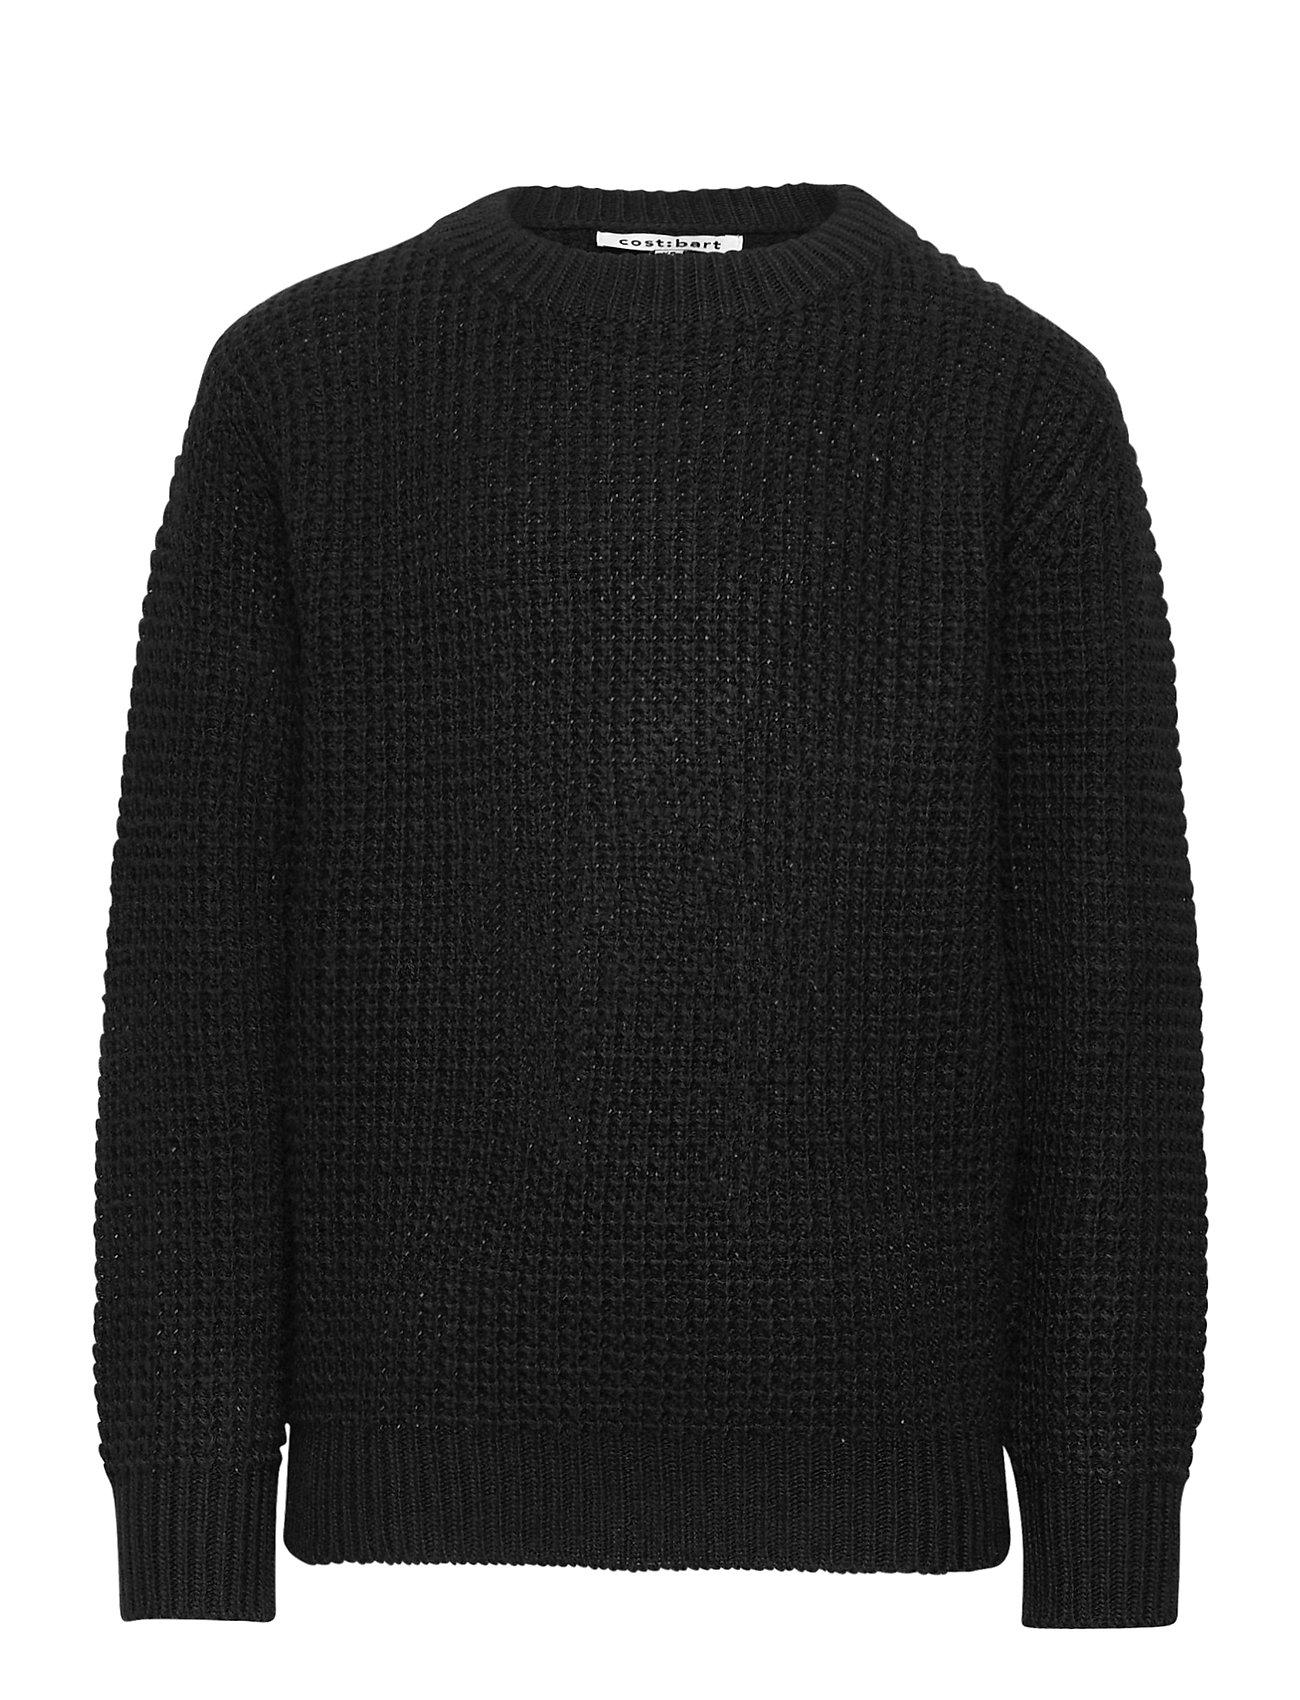 Image of Kave L_s Knit Pullover Pullover Striktrøje Sort Costbart (3471879385)